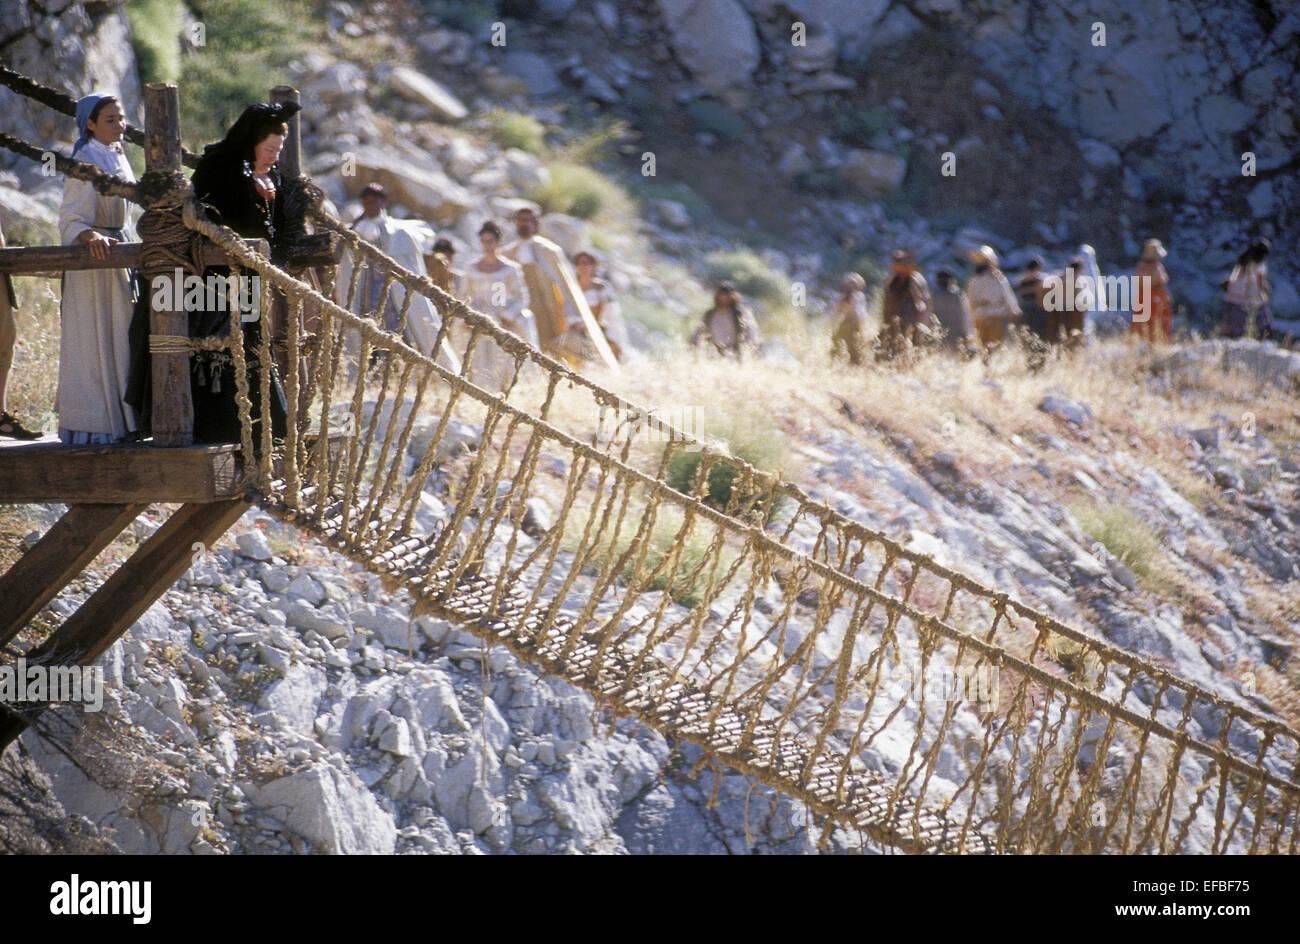 ADRIANA DOMINGUEZ THE BRIDGE OF SAN LUIS REY (2004 Stock Photo ...